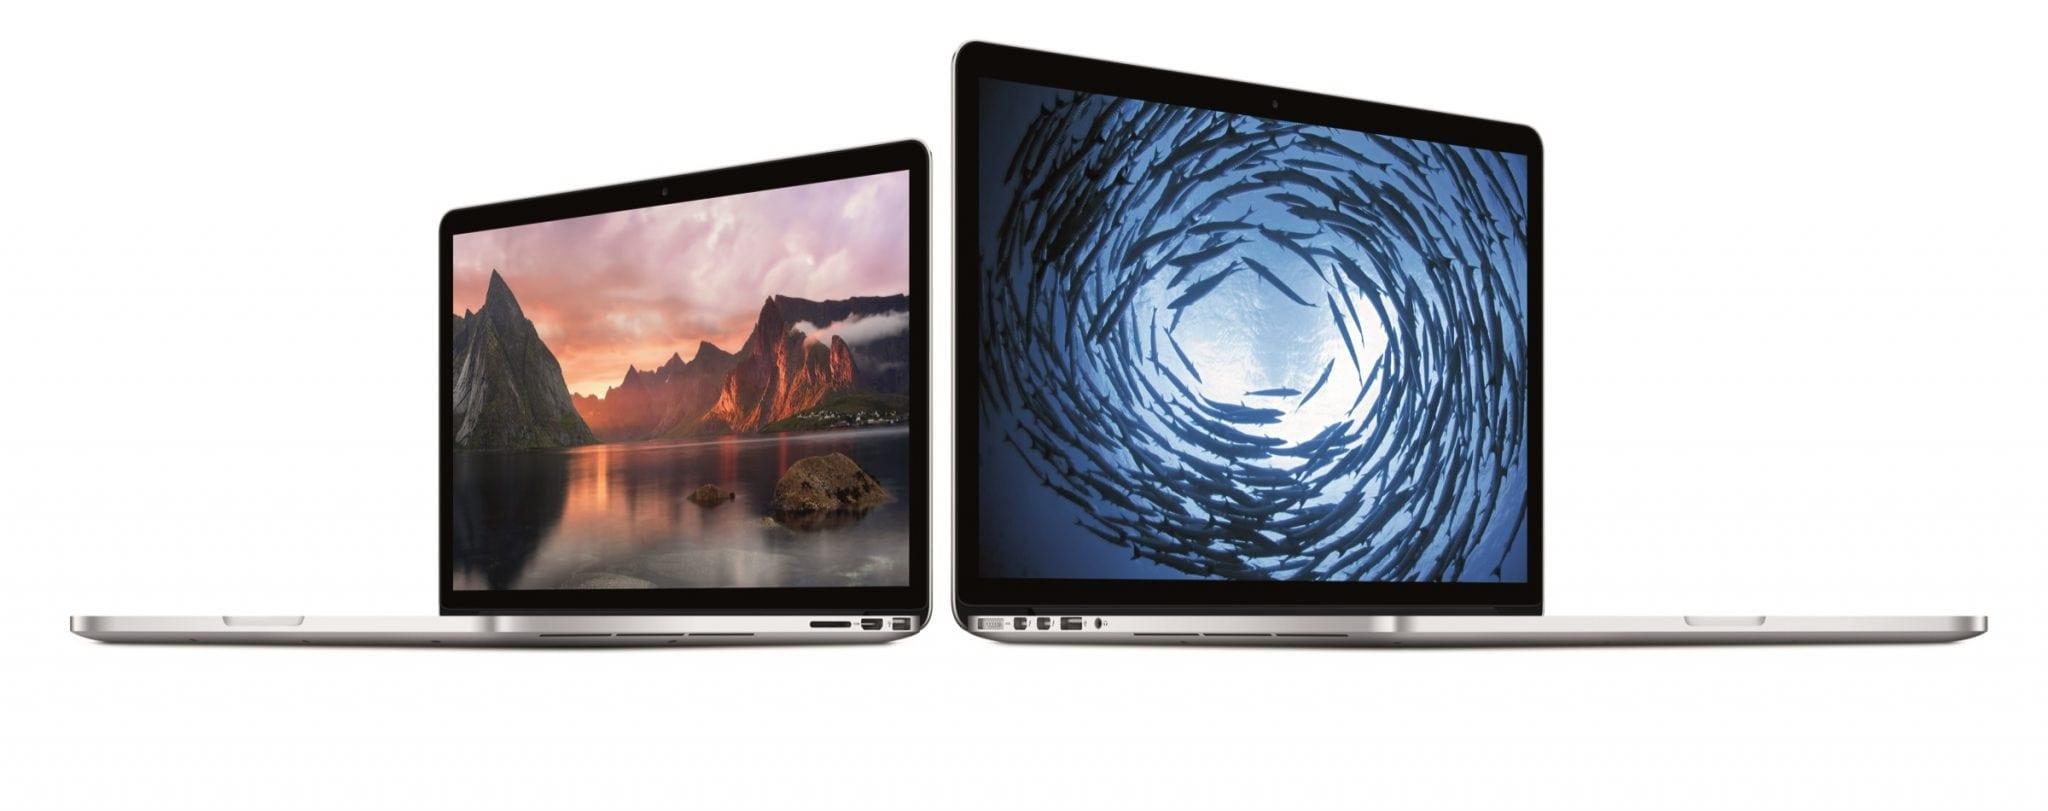 Apple a lansat noile MacBook Pro de 15 inchi și iMac-urile cu ecran 5K Retina